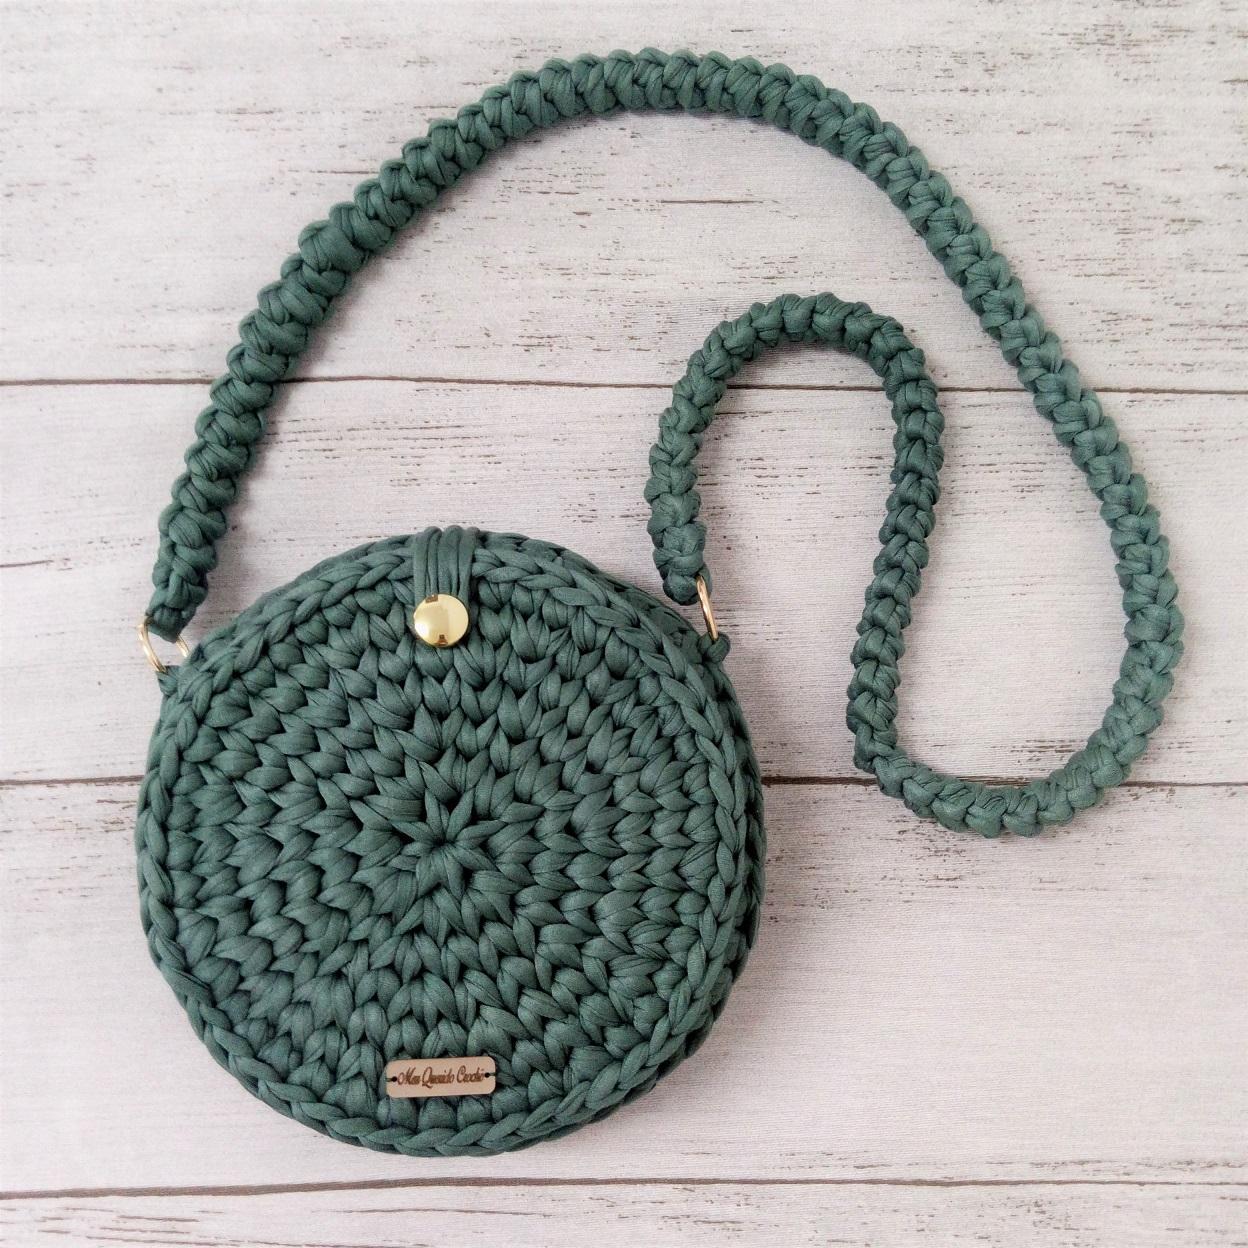 Como fazer bolsa redonda de crochê com fio de malha?